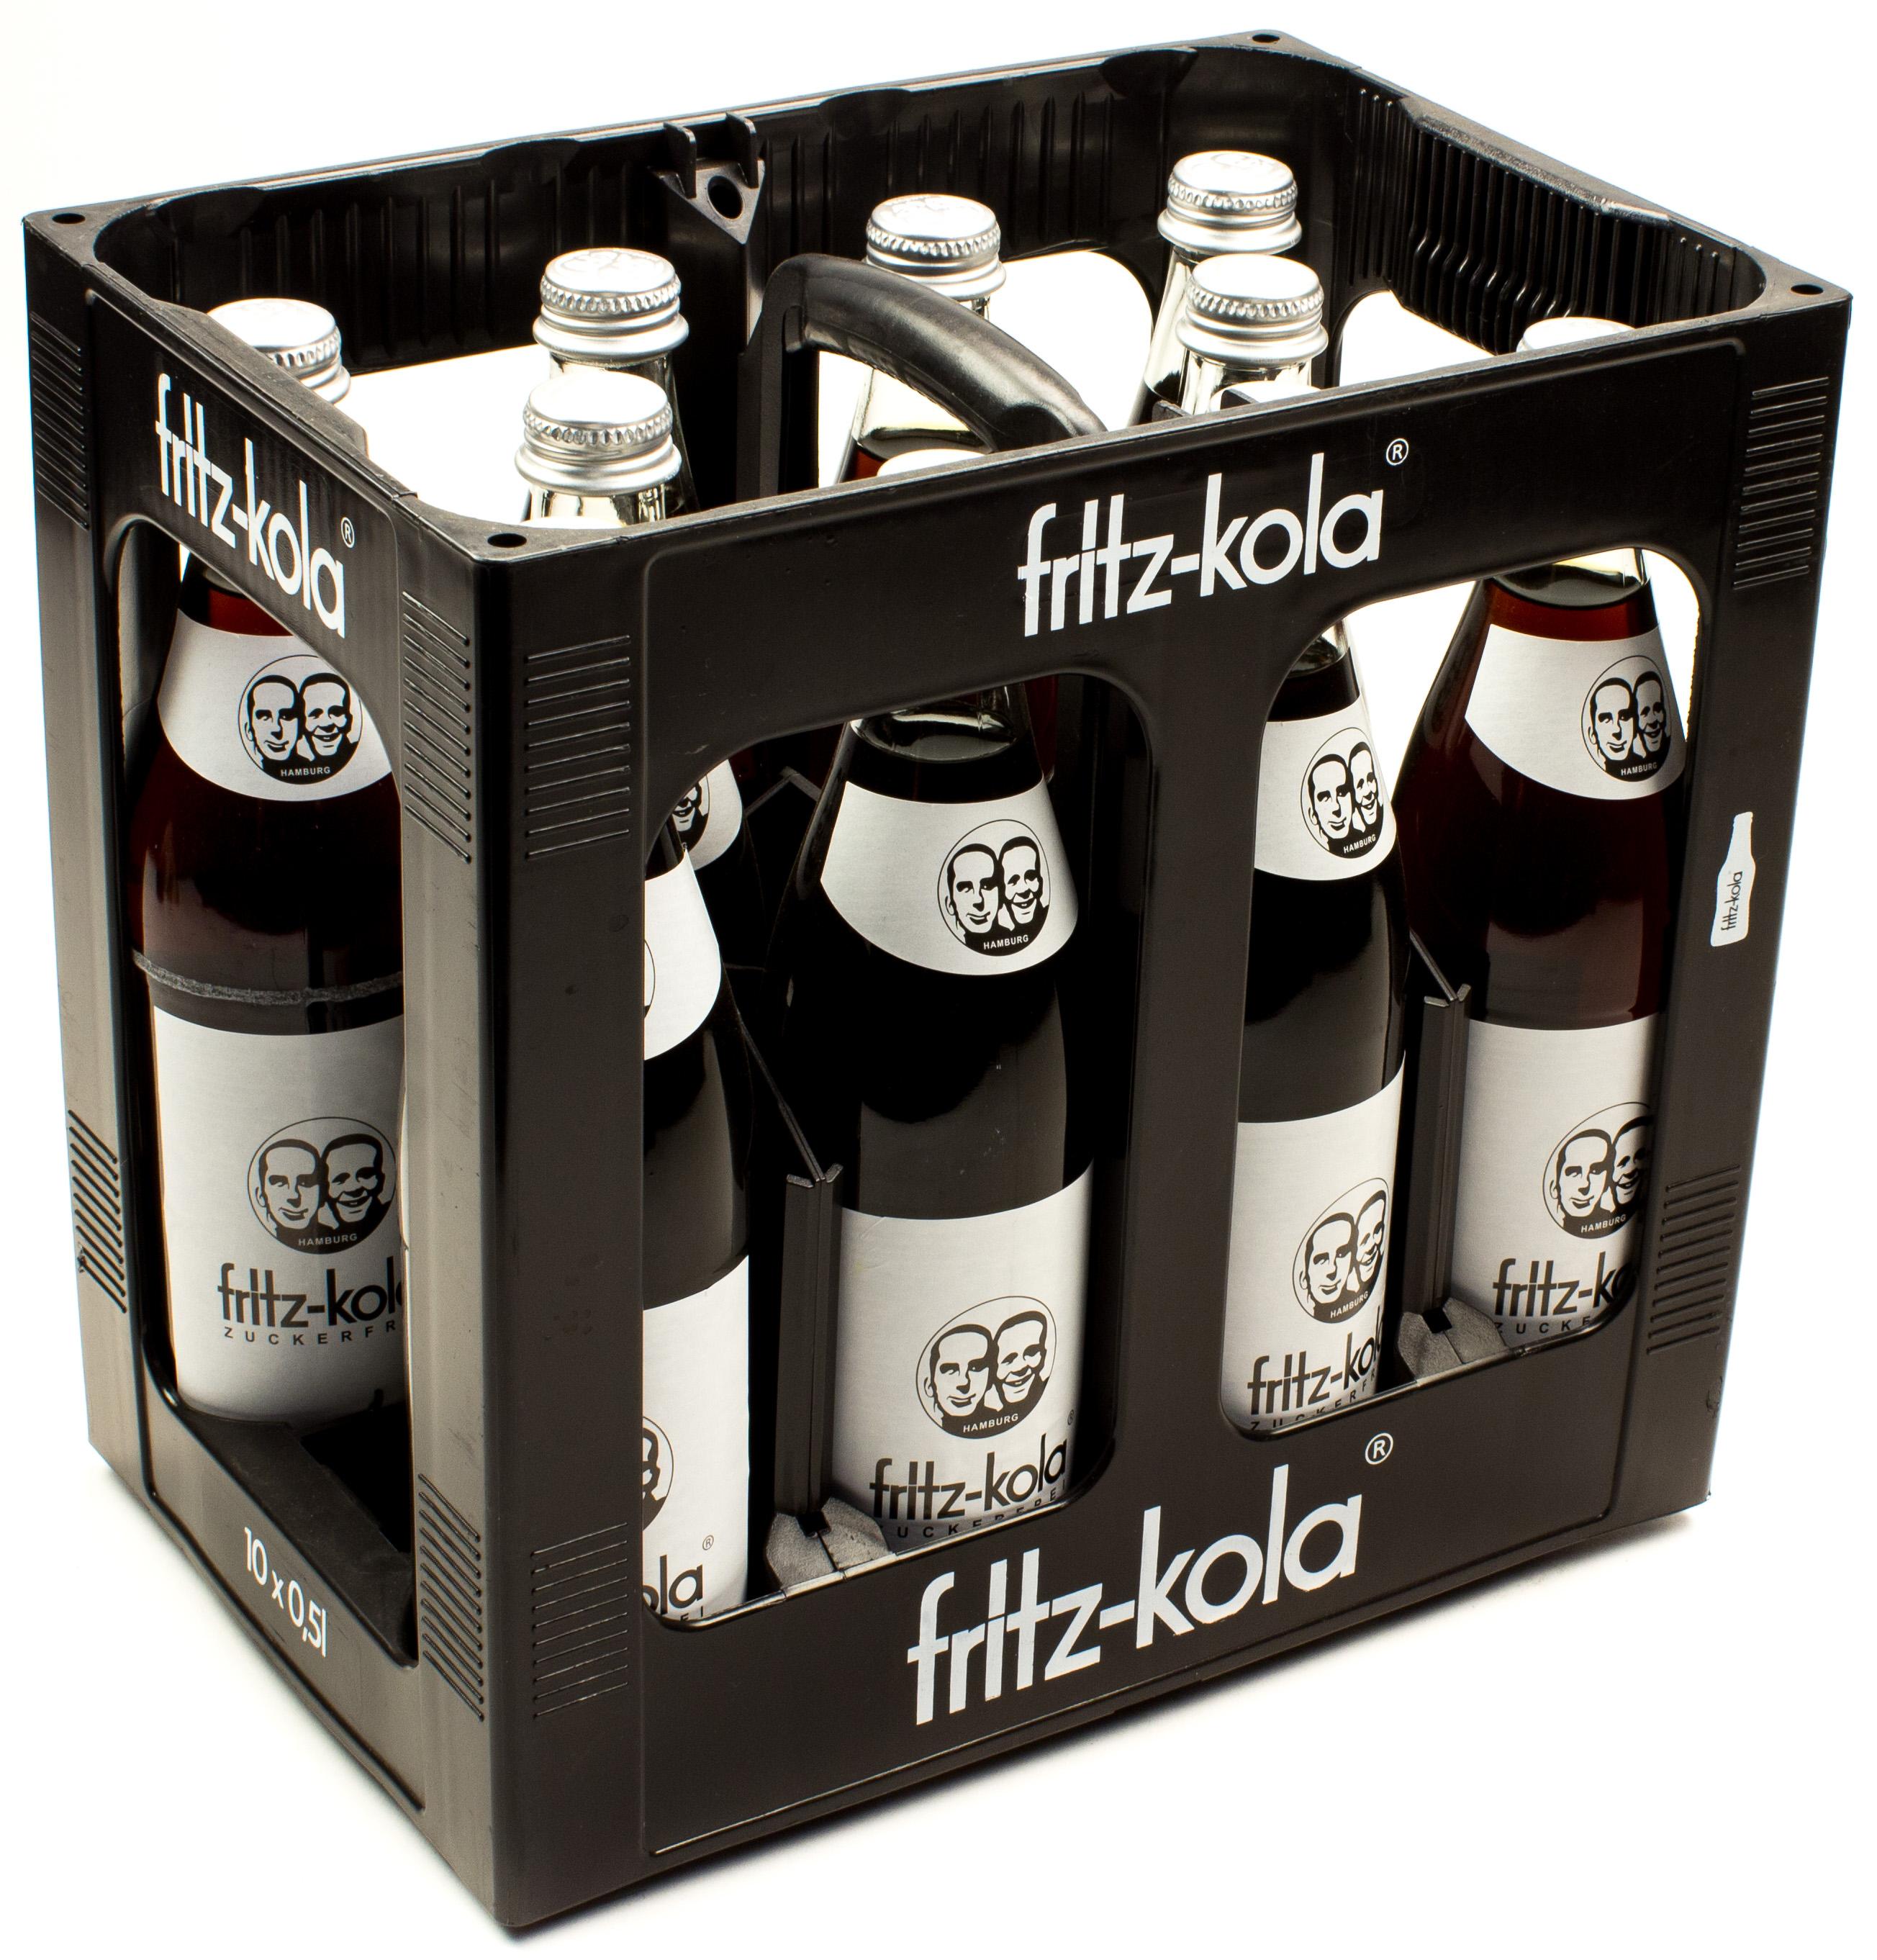 Cola & Colamixgetränke - Fritz Kola Zuckerfrei Kasten 10 x 0,5 l ...